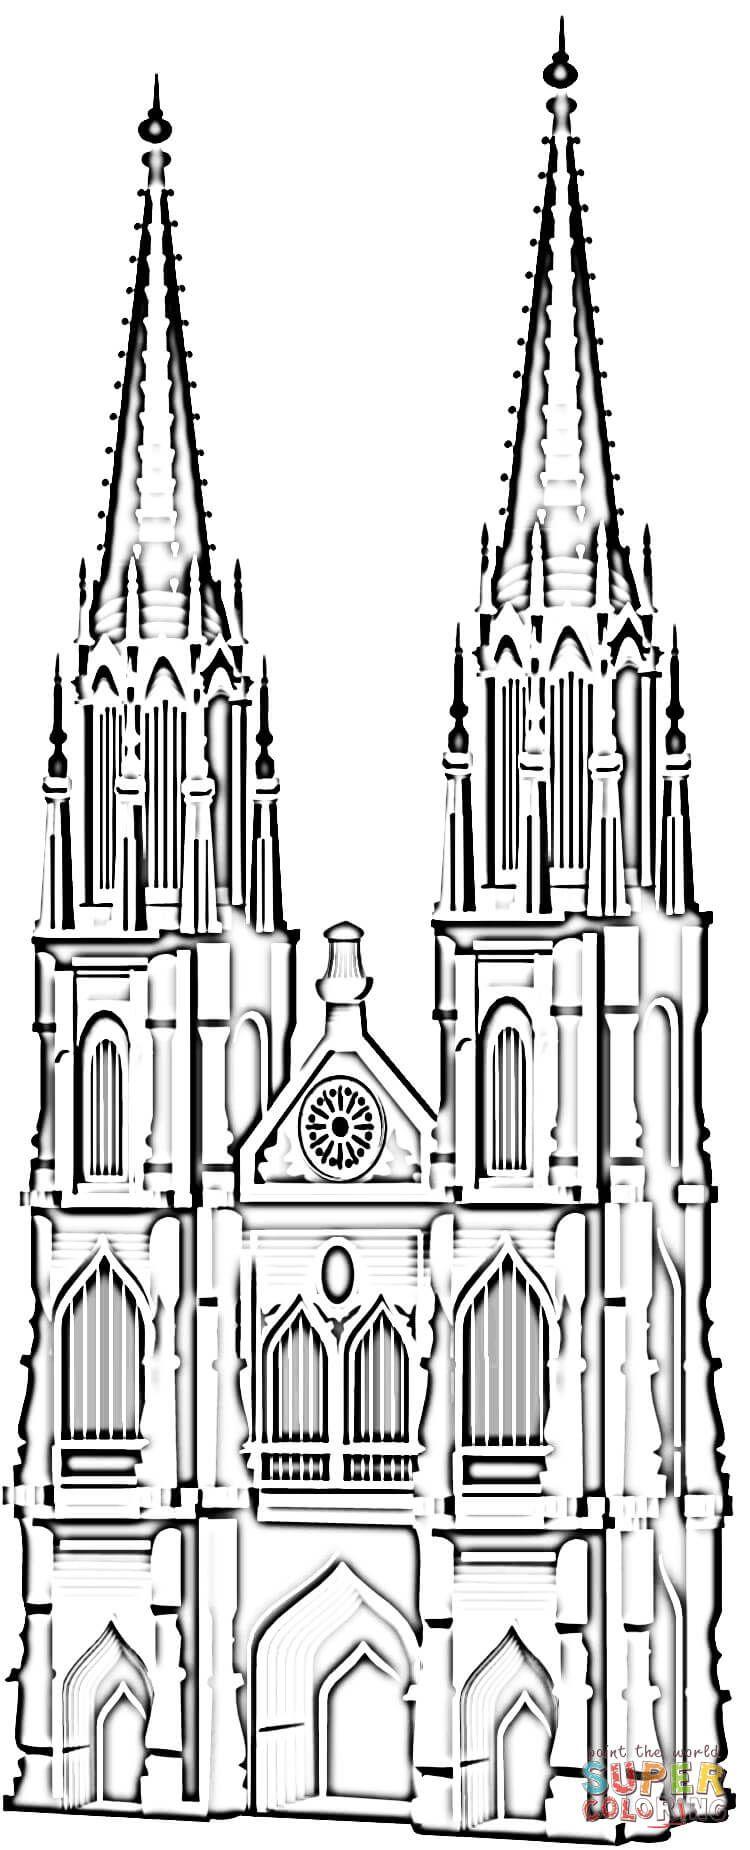 kölner dom zum ausmalen | Ausmalbild: Der Kölner Dom | Ausmalbilder ...